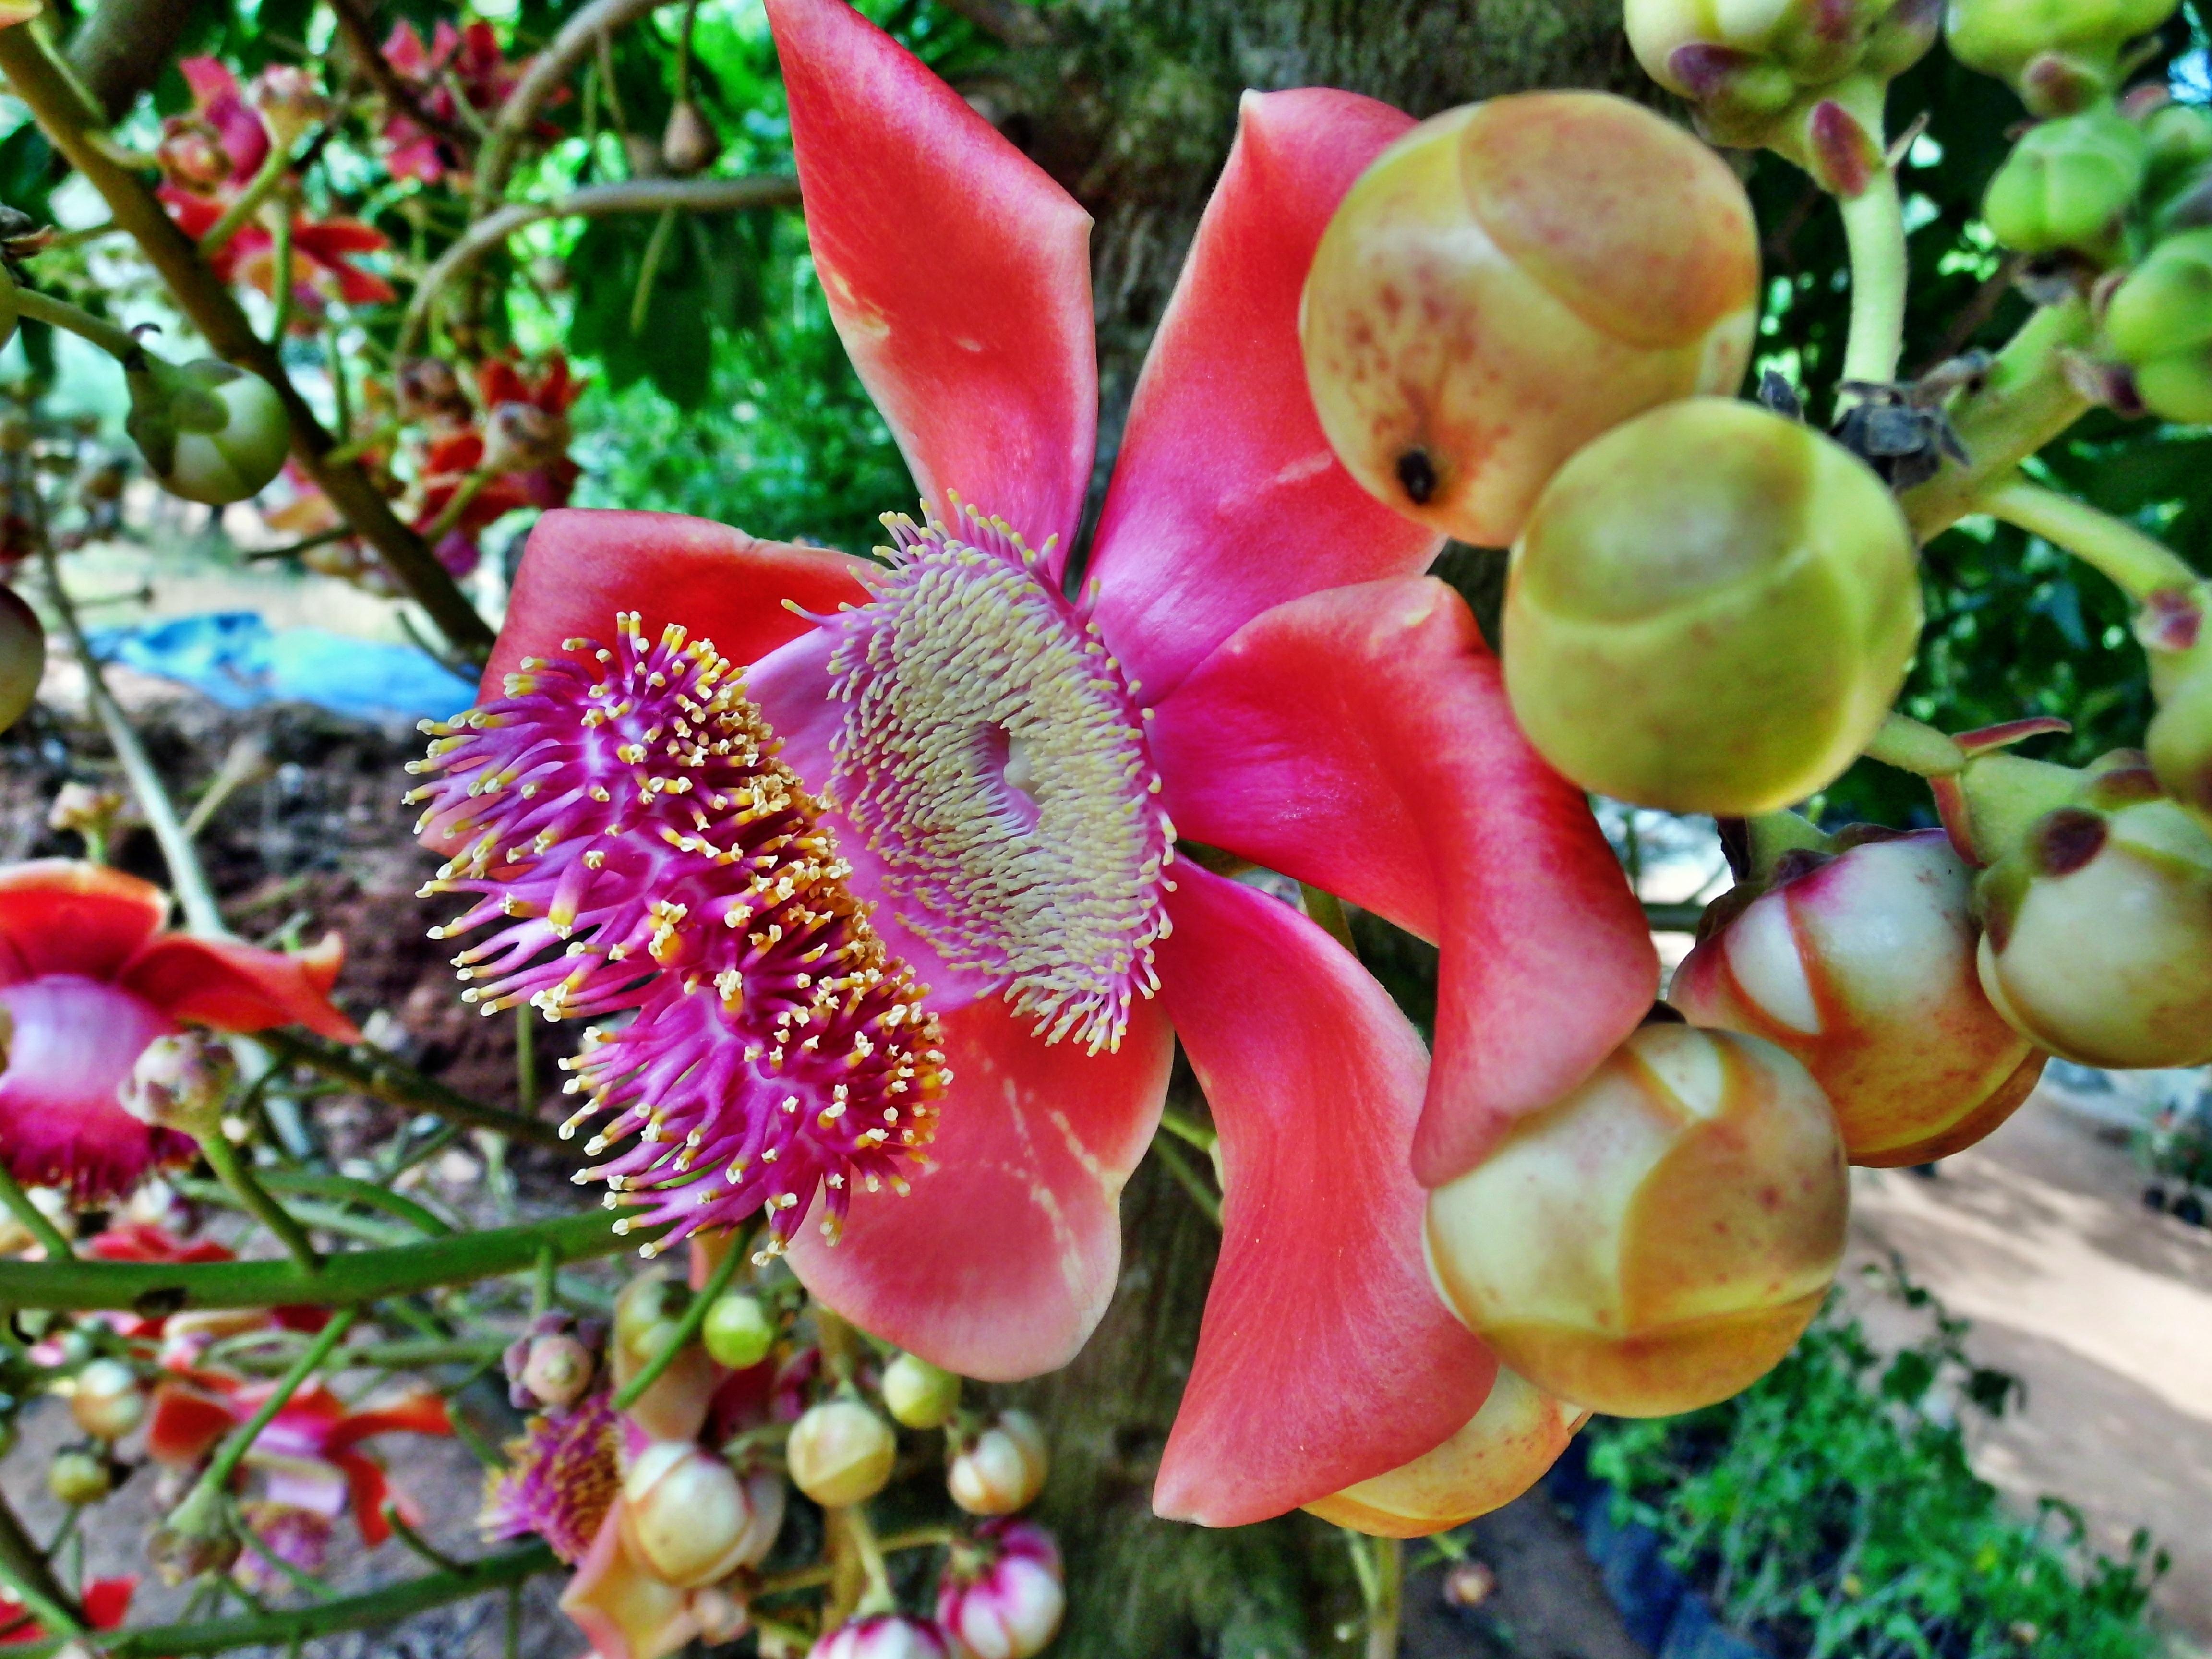 плохо очень редкие тропические ягоды фото теперь легче